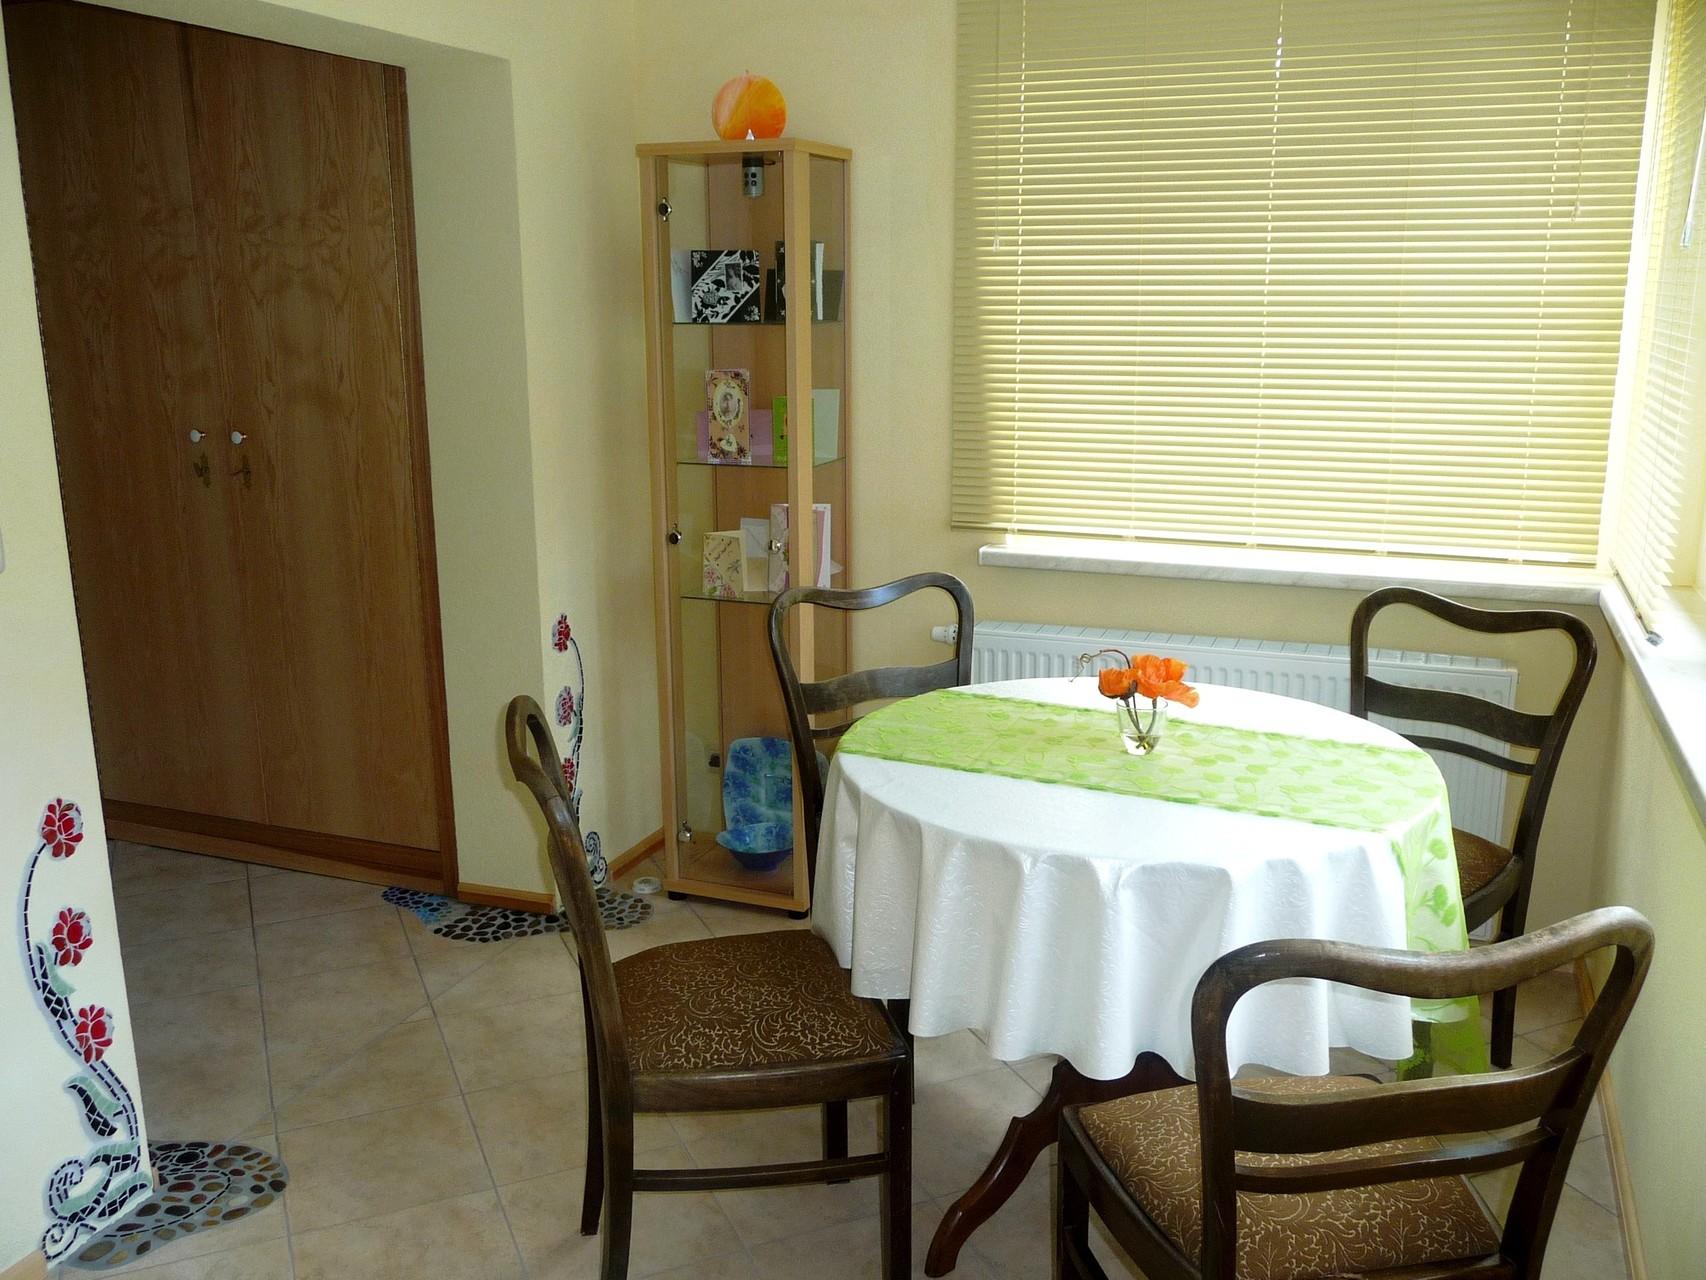 Die Sitzecke in der Diele - mit Stil und Blüte und natürlich viel Platz zum gemütlichen Speisen.